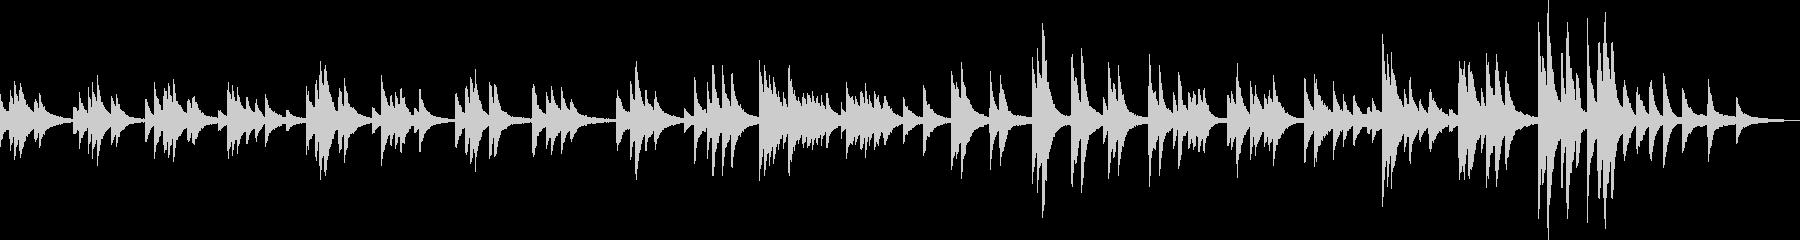 心温まるピアノバラード(BGM・優しい)の未再生の波形